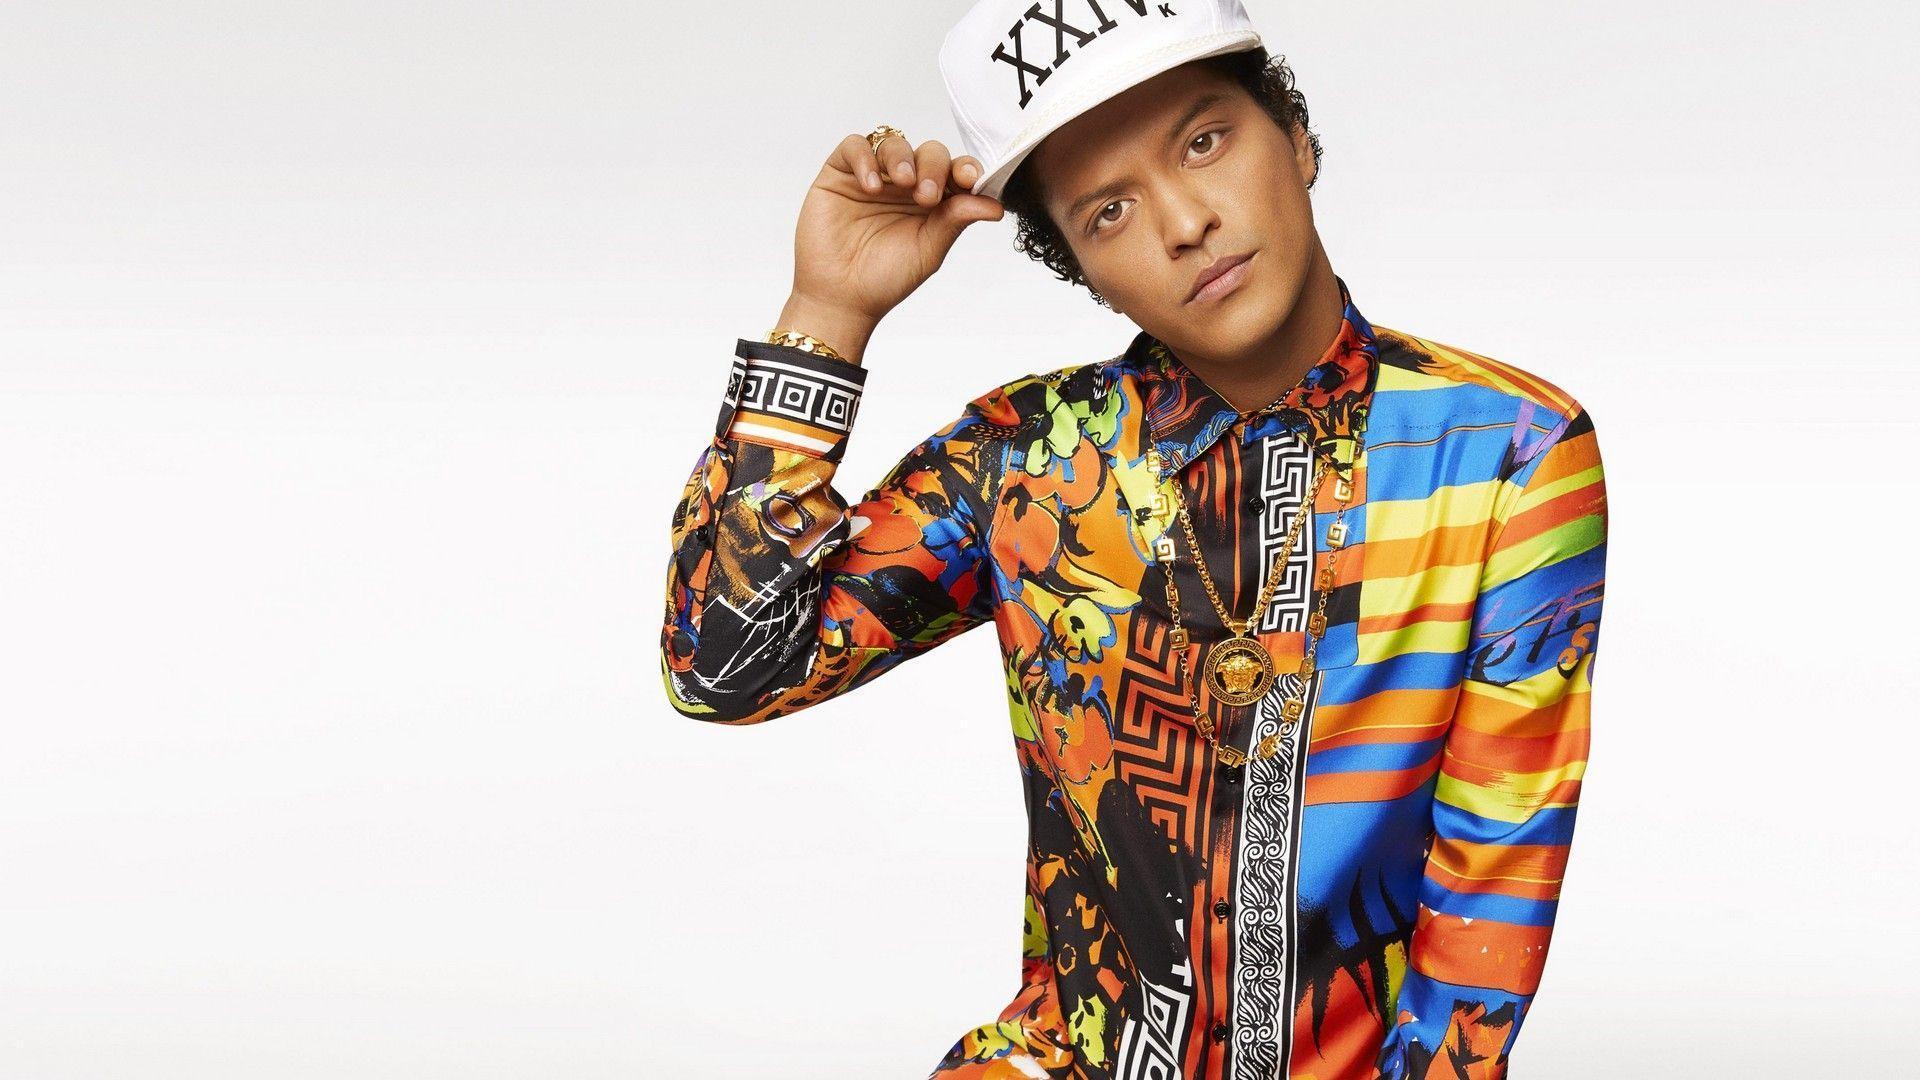 Bruno Mars 24K Wallpapers